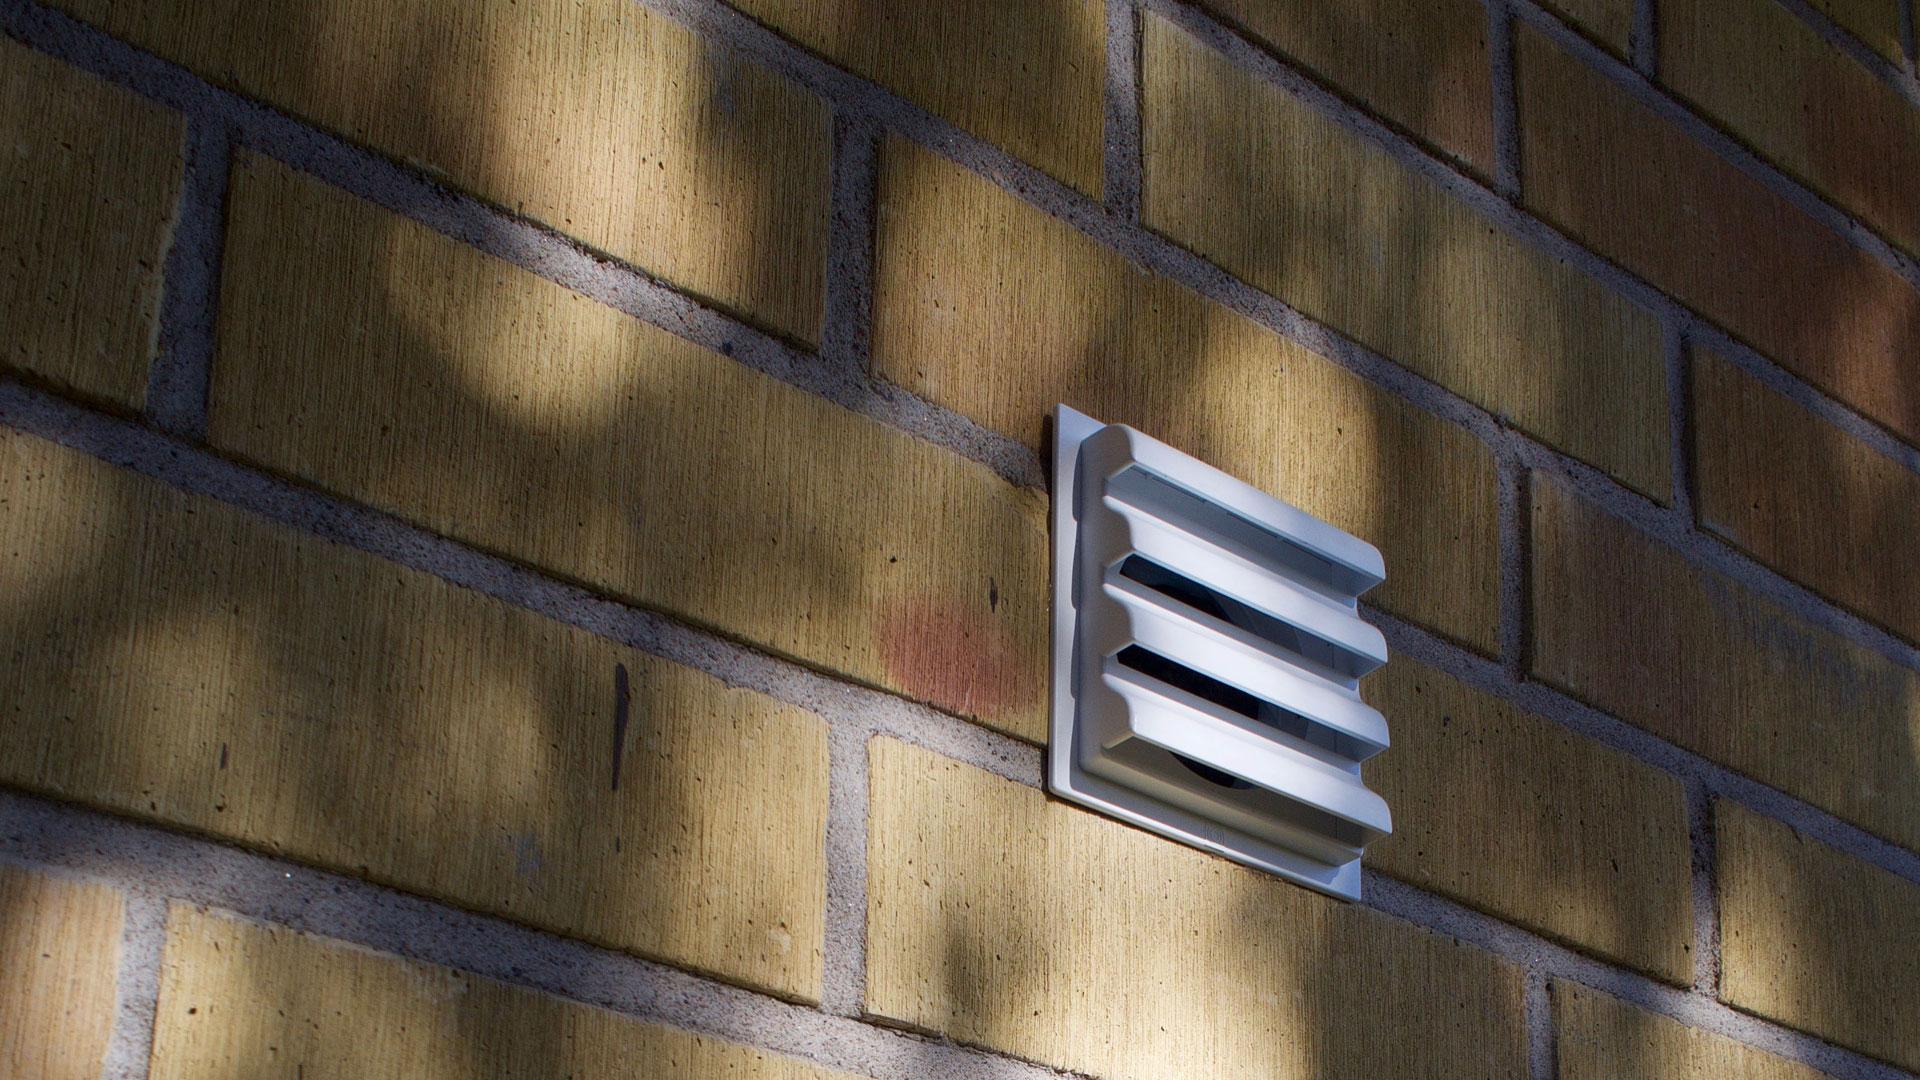 Asunnon hallittu ilmanvaihto tapahtuu venttiilien kautta.